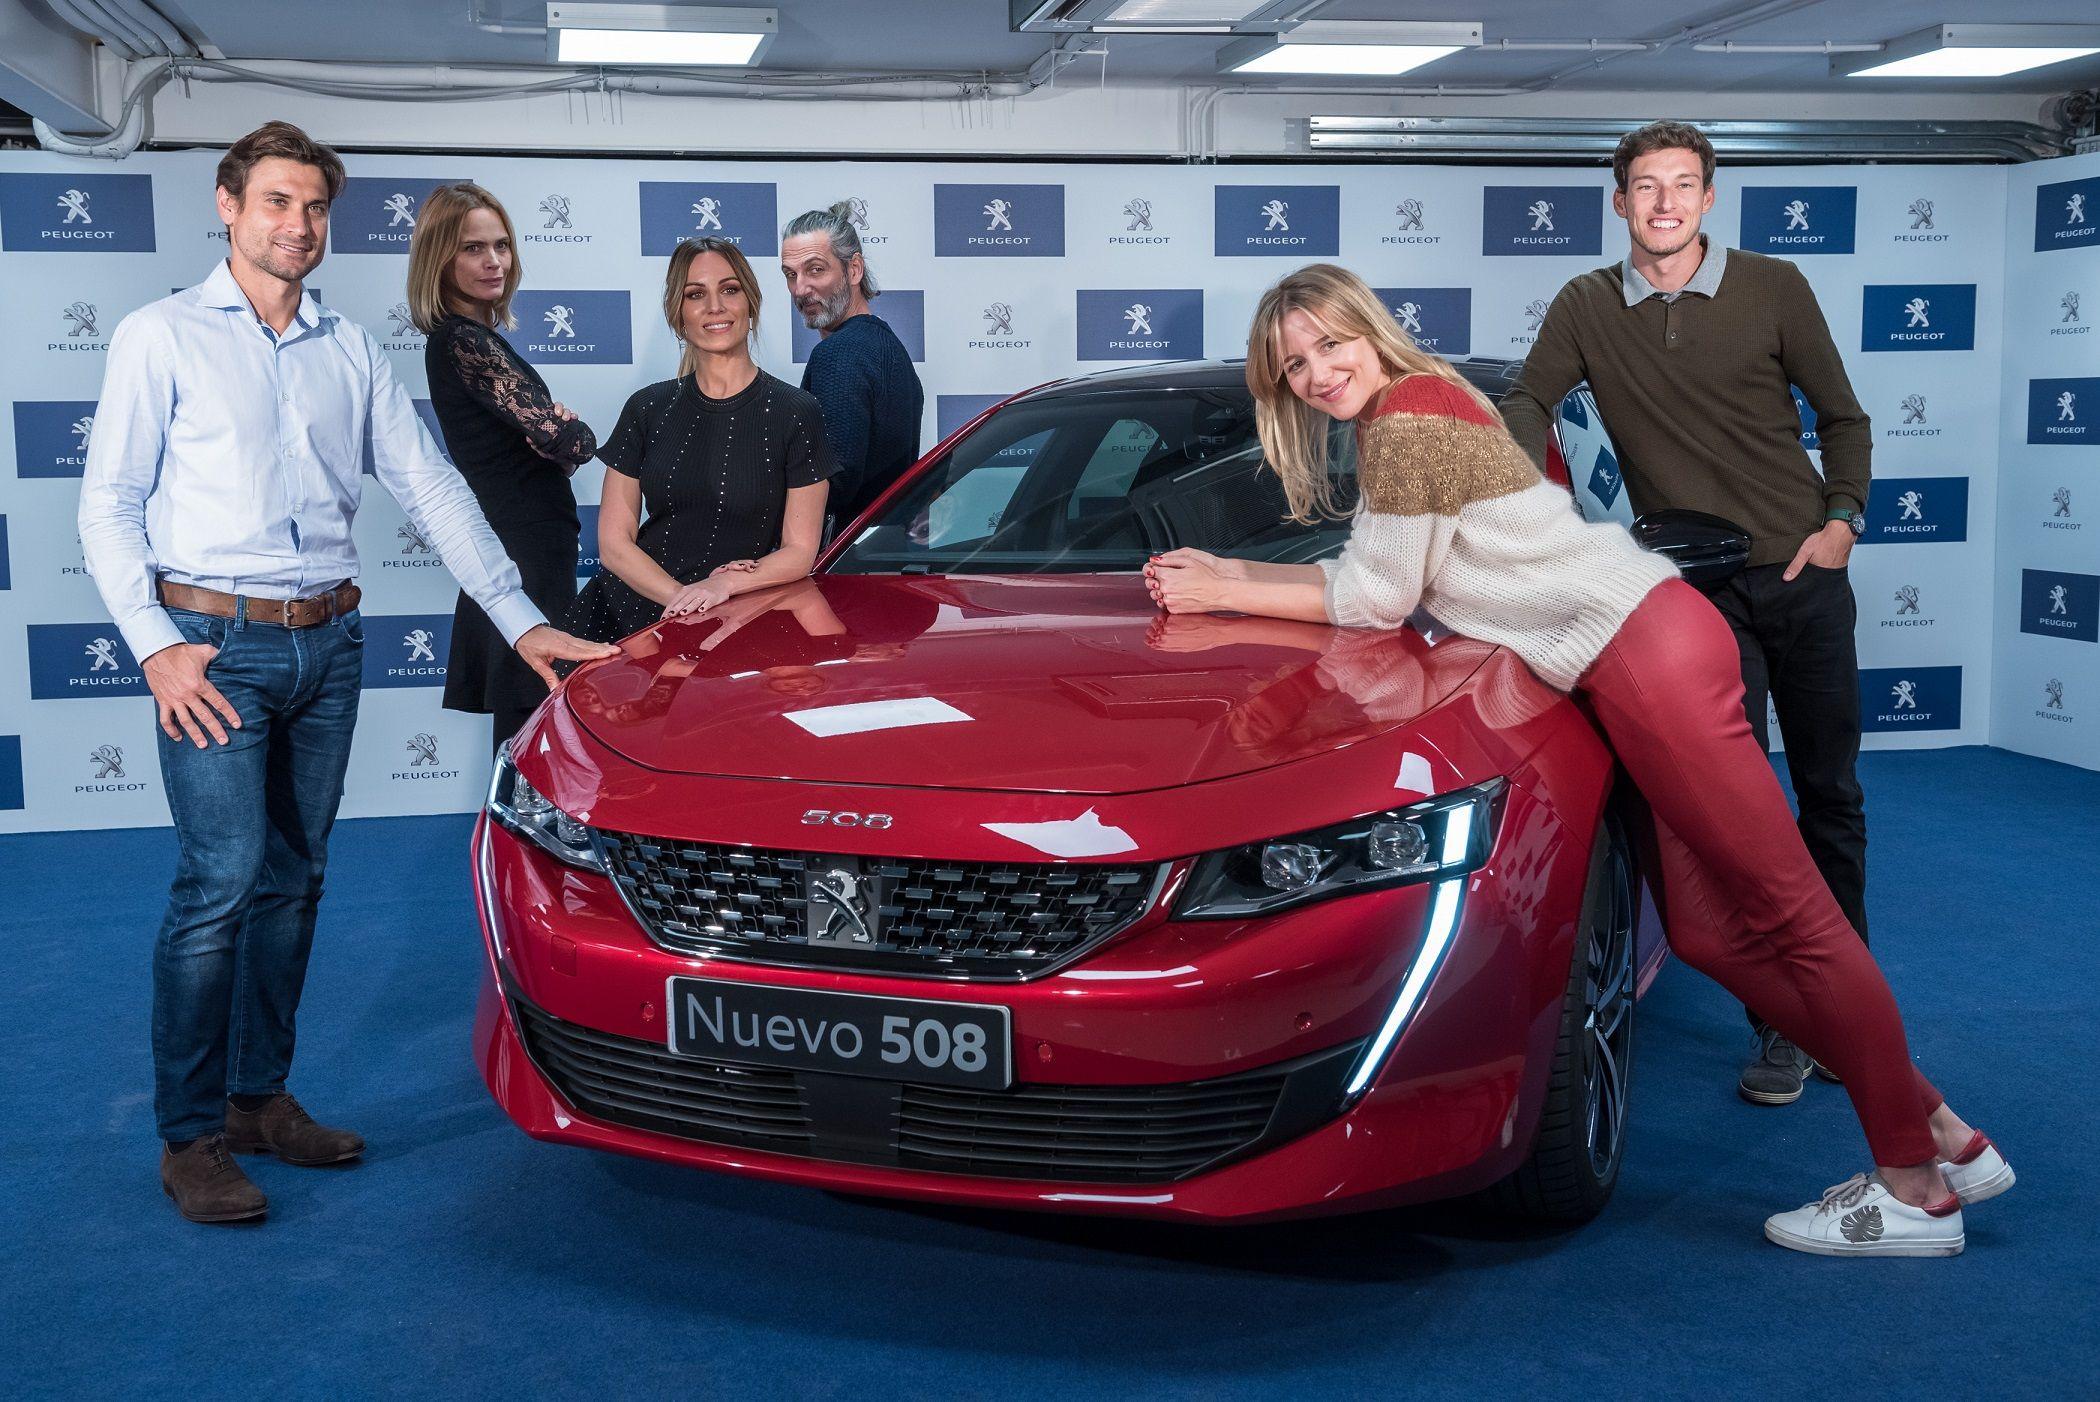 """Figuras del cine, moda, música, deporte y las pasarelas descubren la tecnología """"nocturna"""" del Nuevo Peugeot 508"""